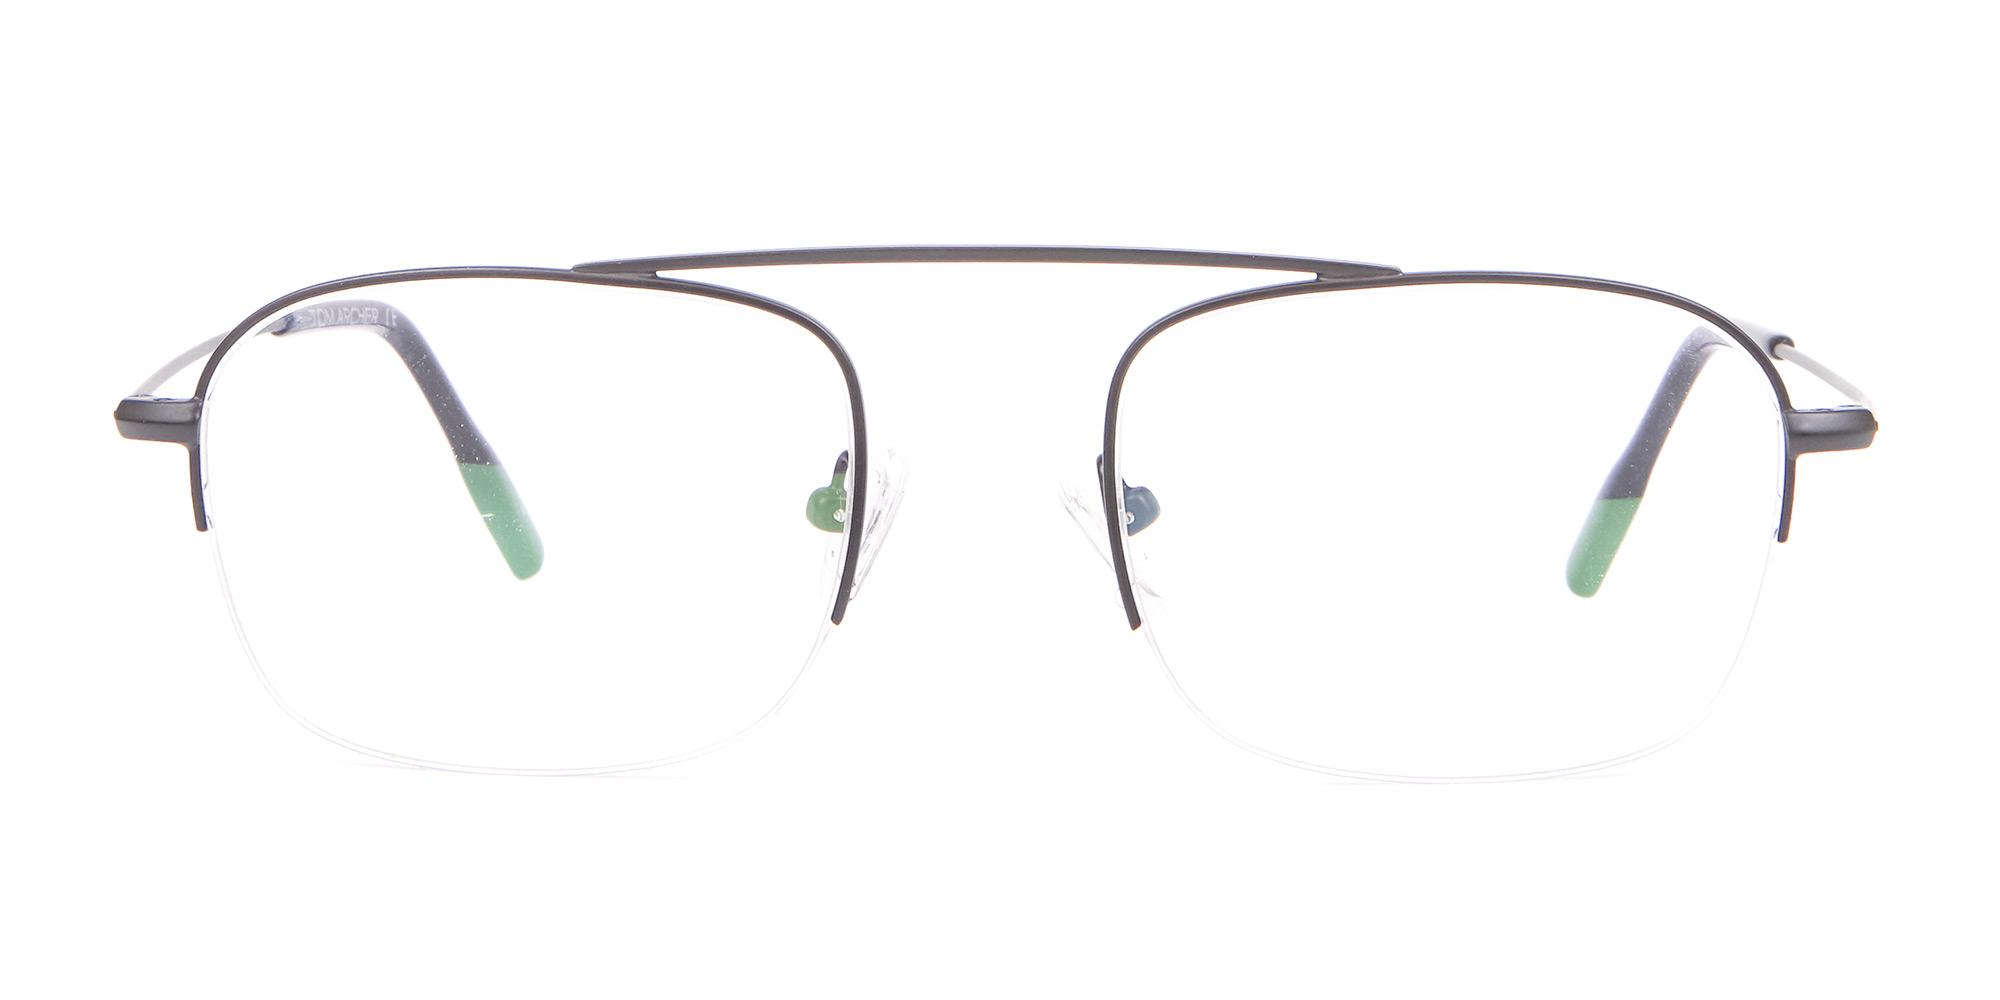 Black Half-Rimmed Glasses Frame in Wayfarer